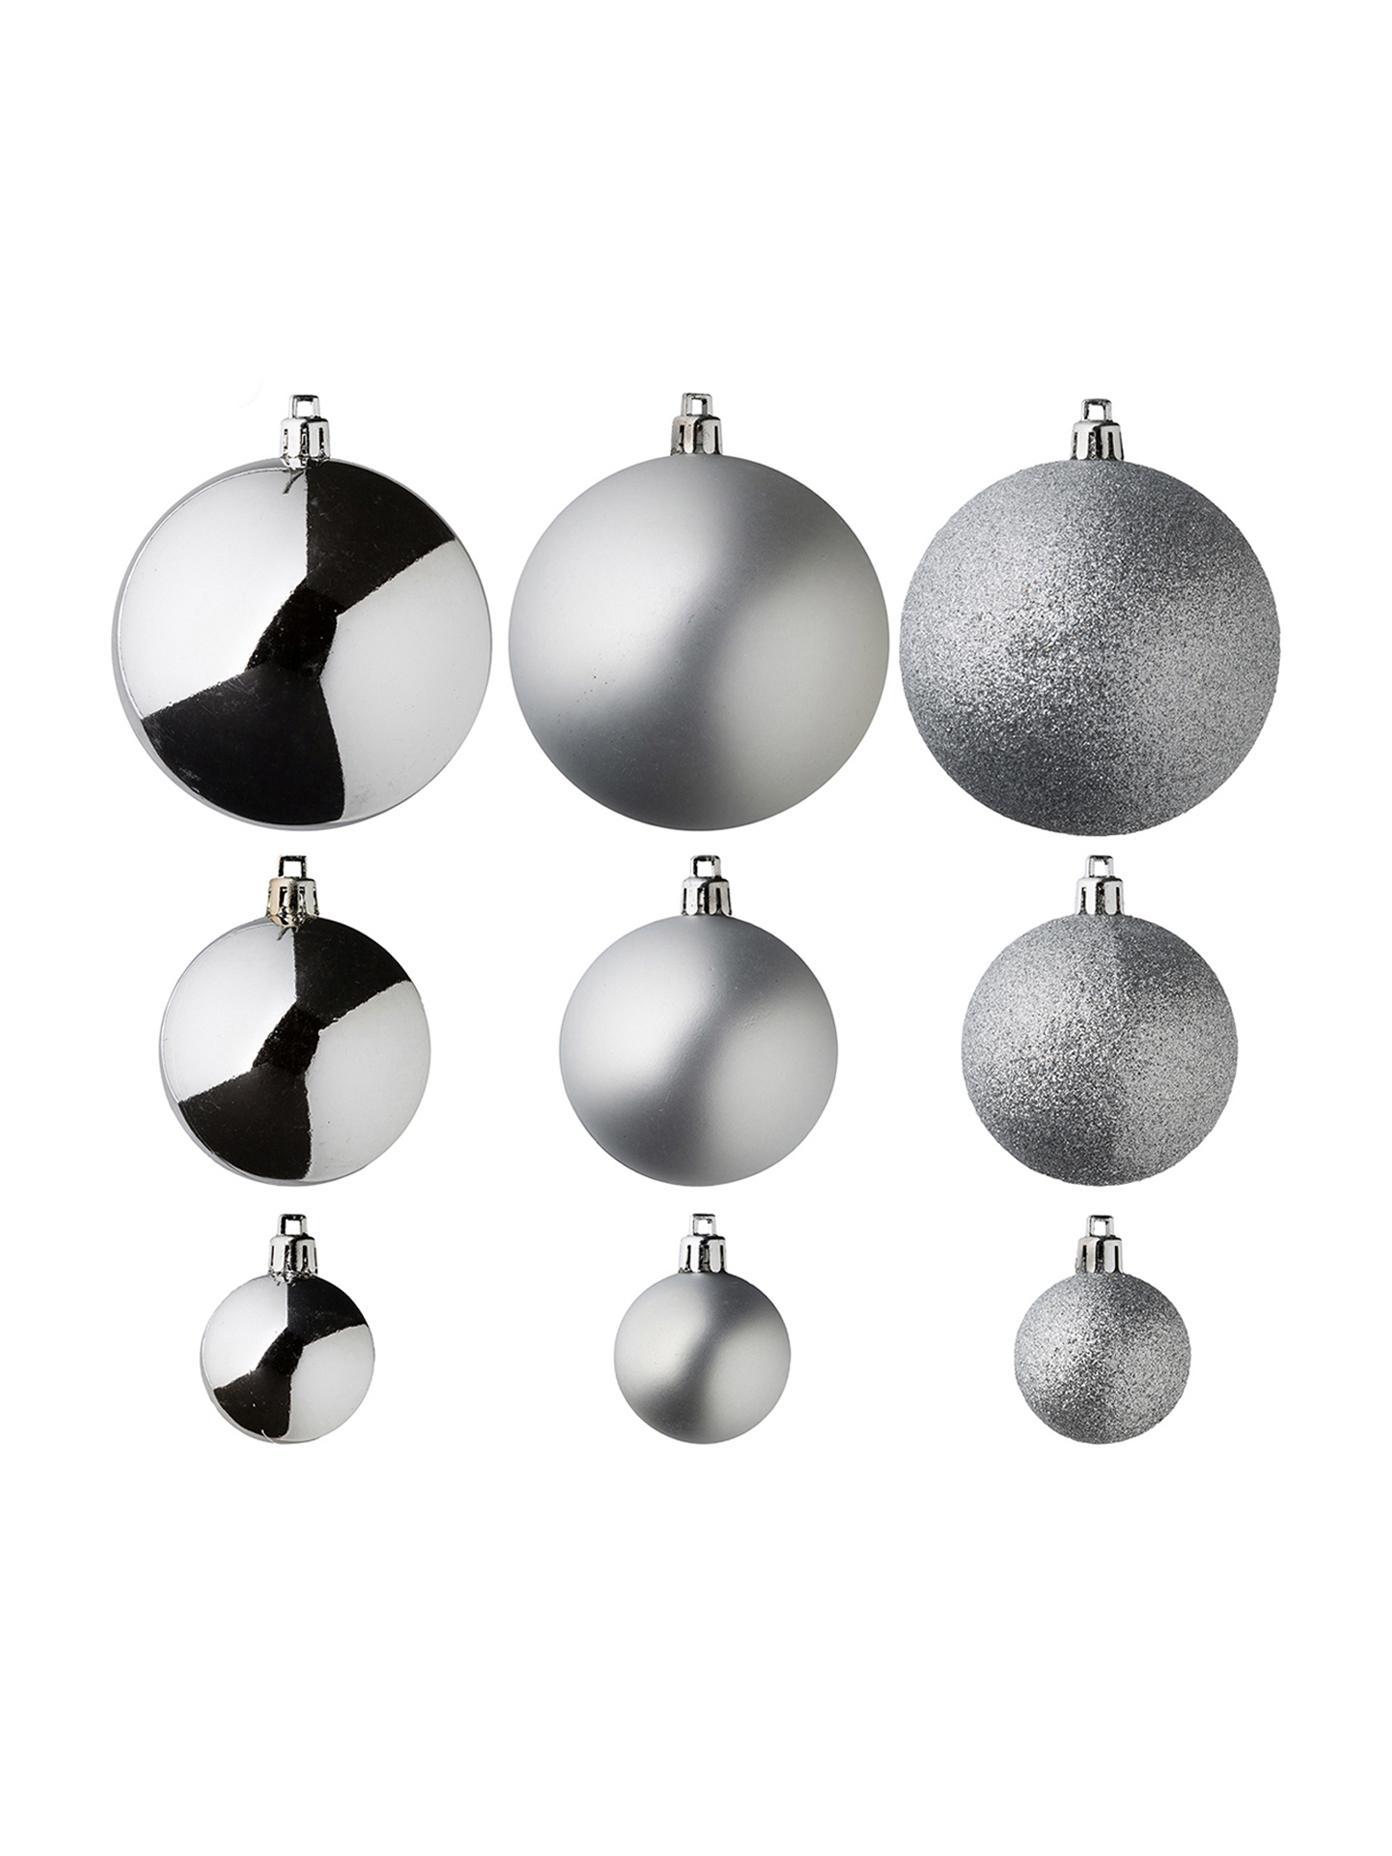 Kerstballenset Silvia, 46-delig, Kunststof, Zilverkleurig, Verschillende formaten